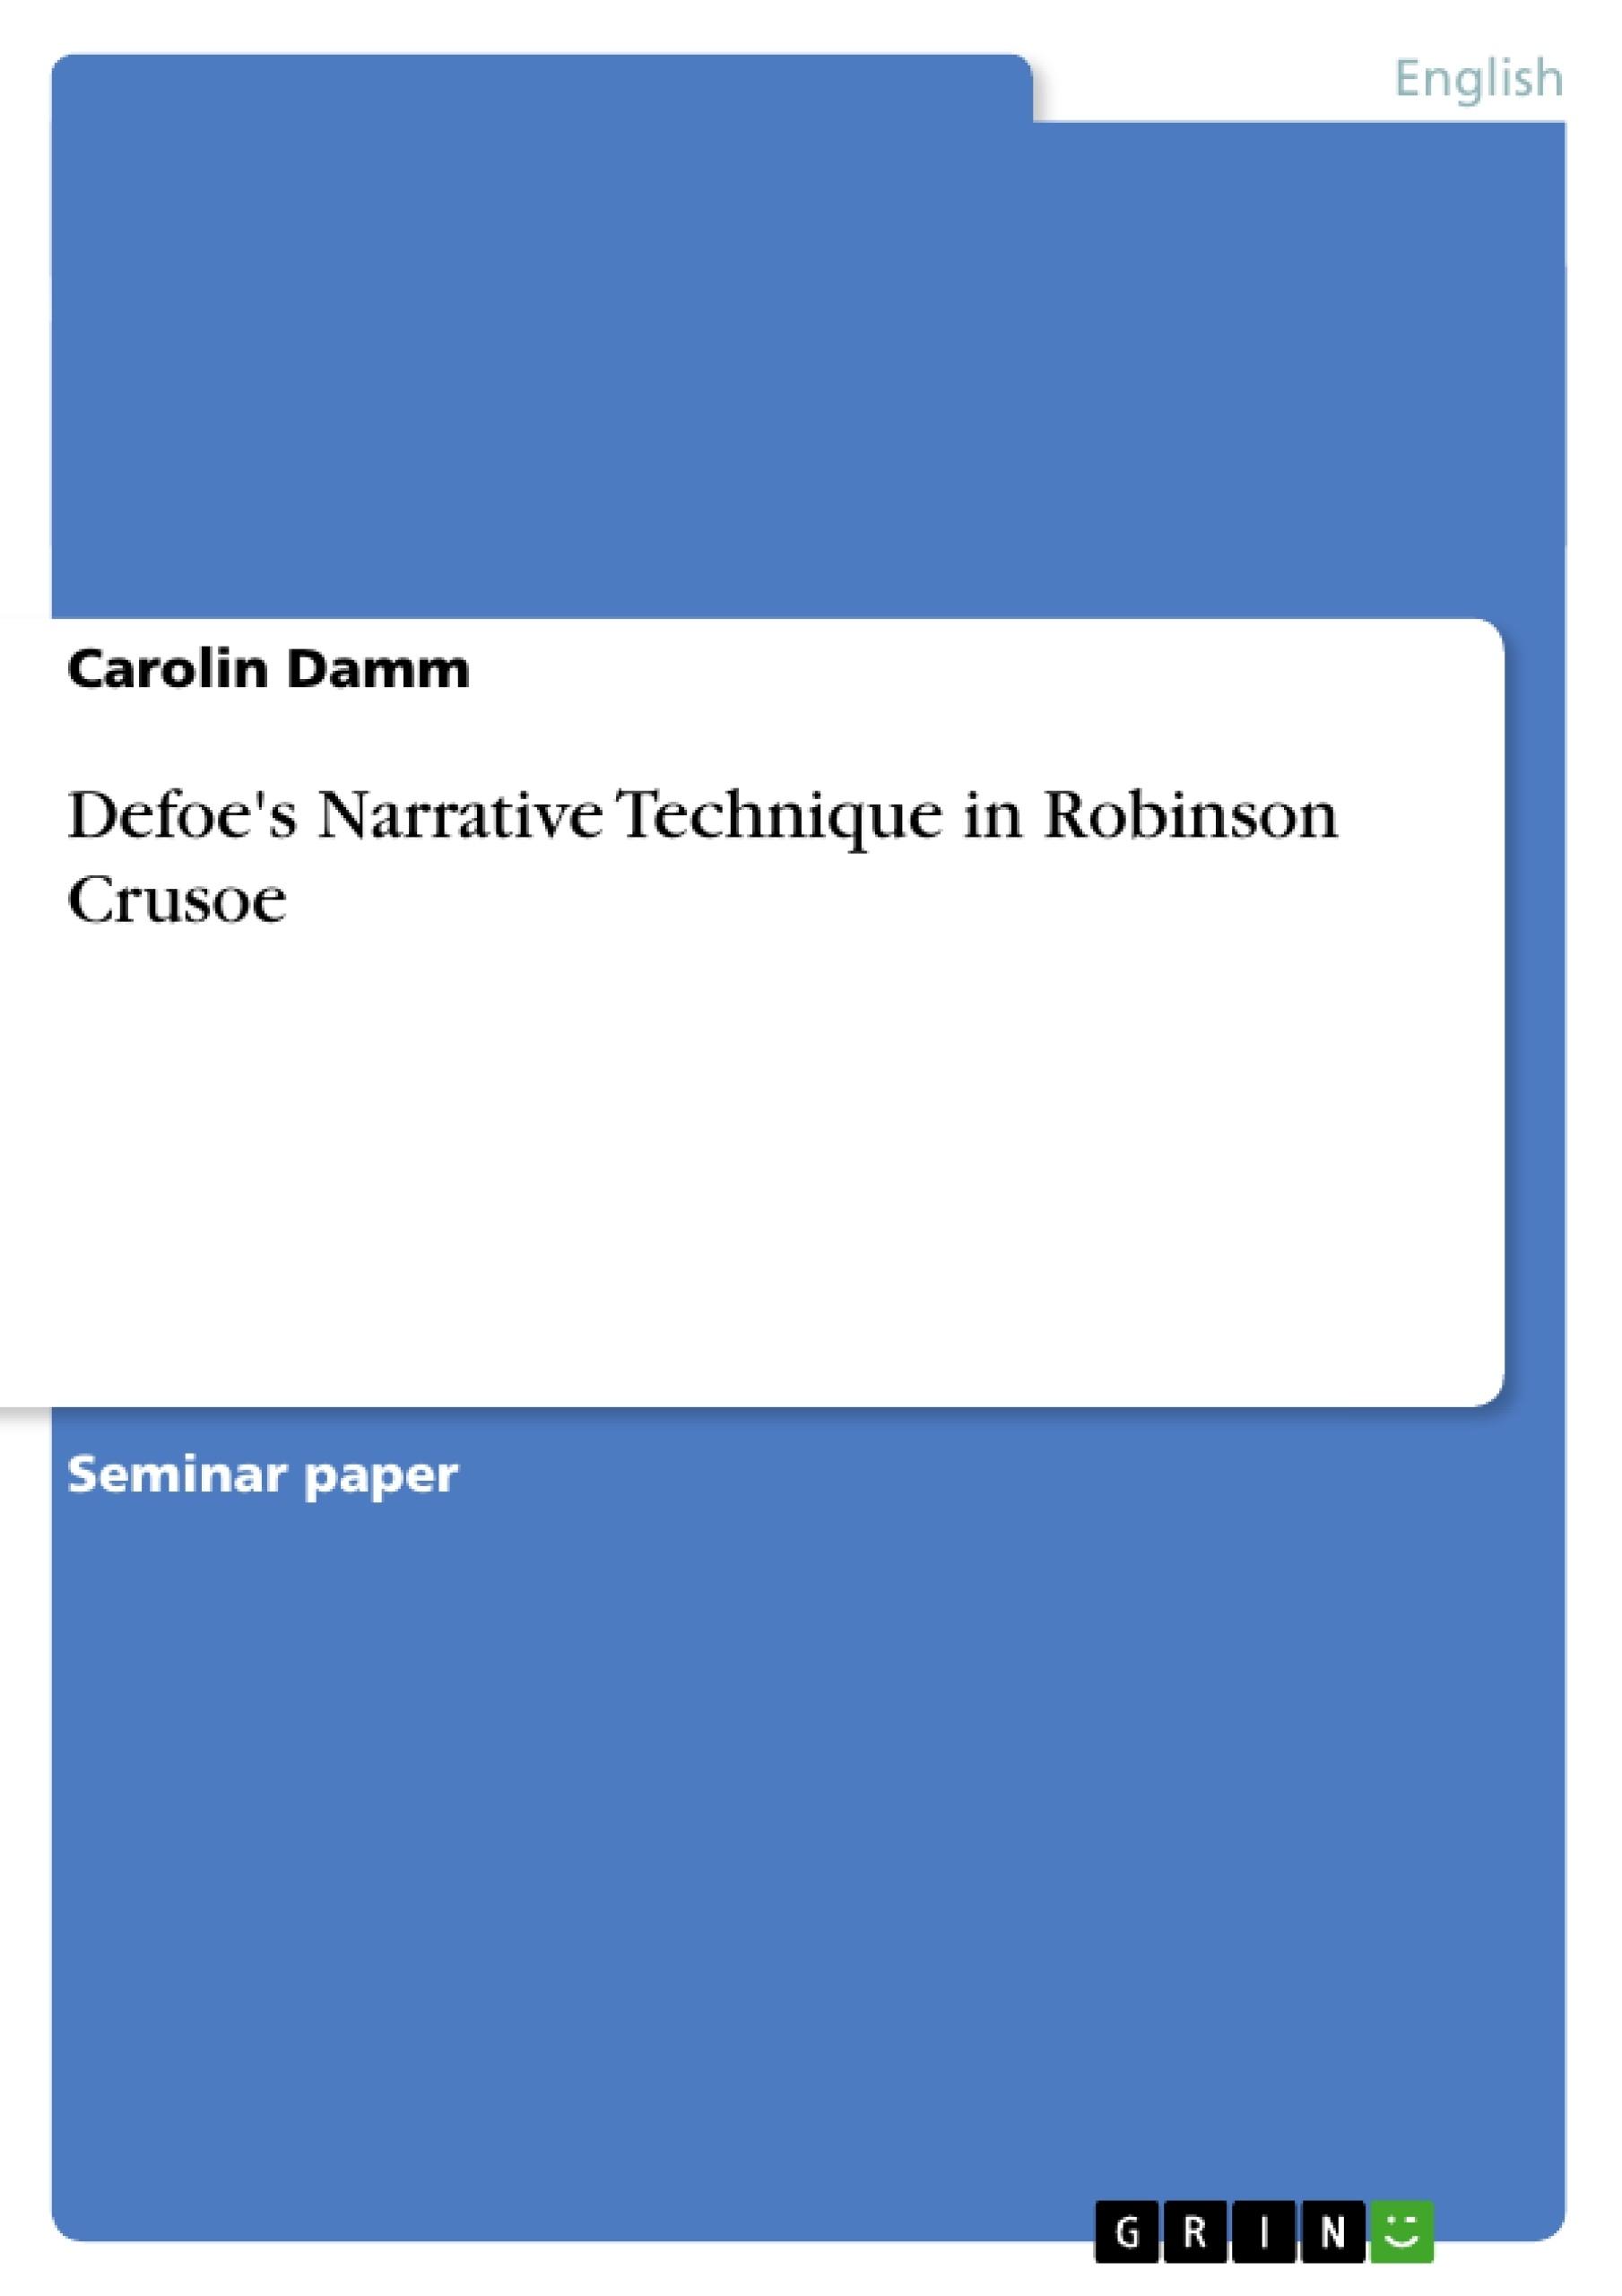 Title: Defoe's Narrative Technique in  Robinson Crusoe